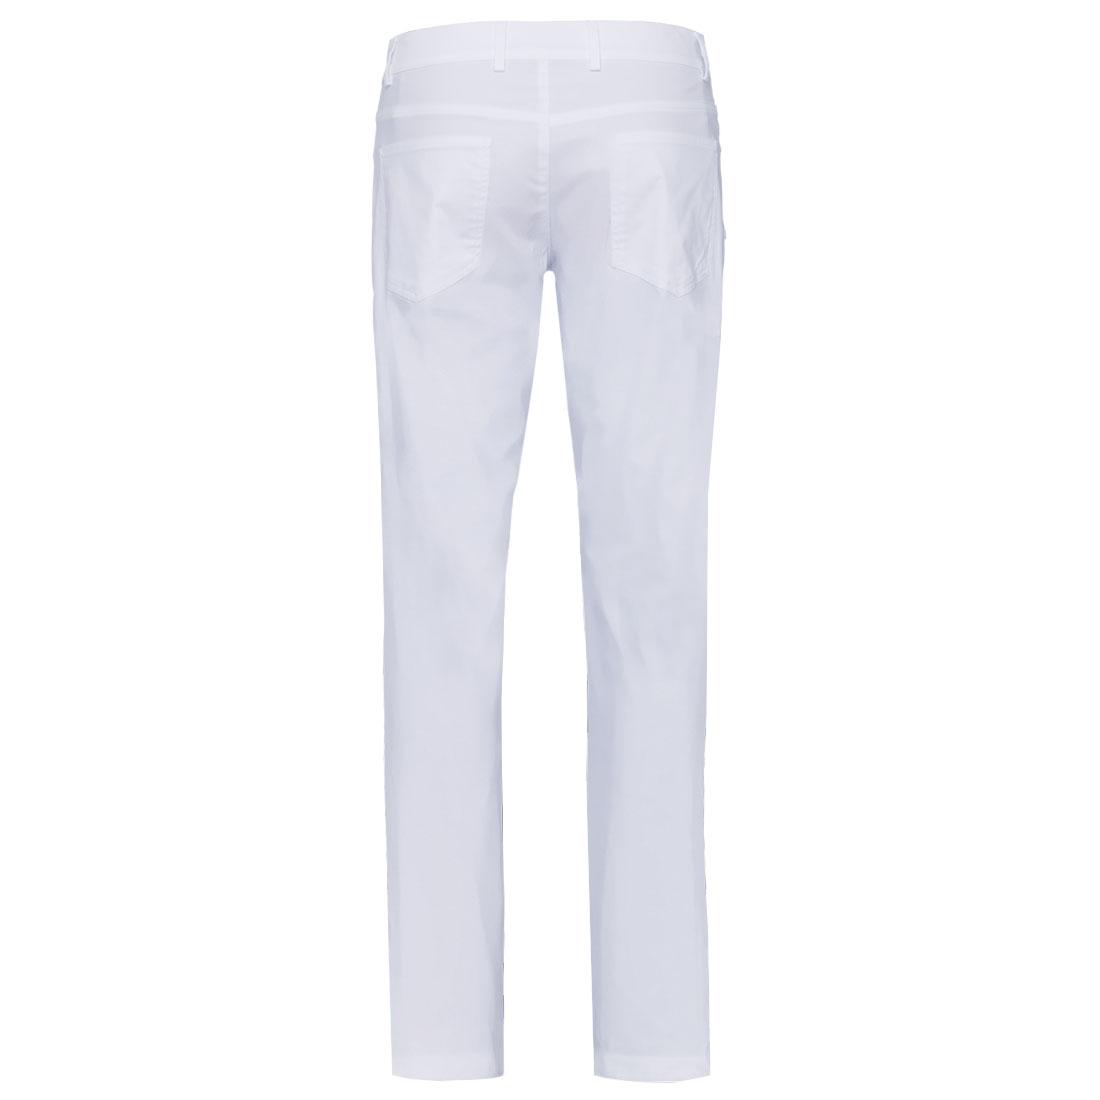 5 Pocket Herren Funktions-Golfhose Slim Fit